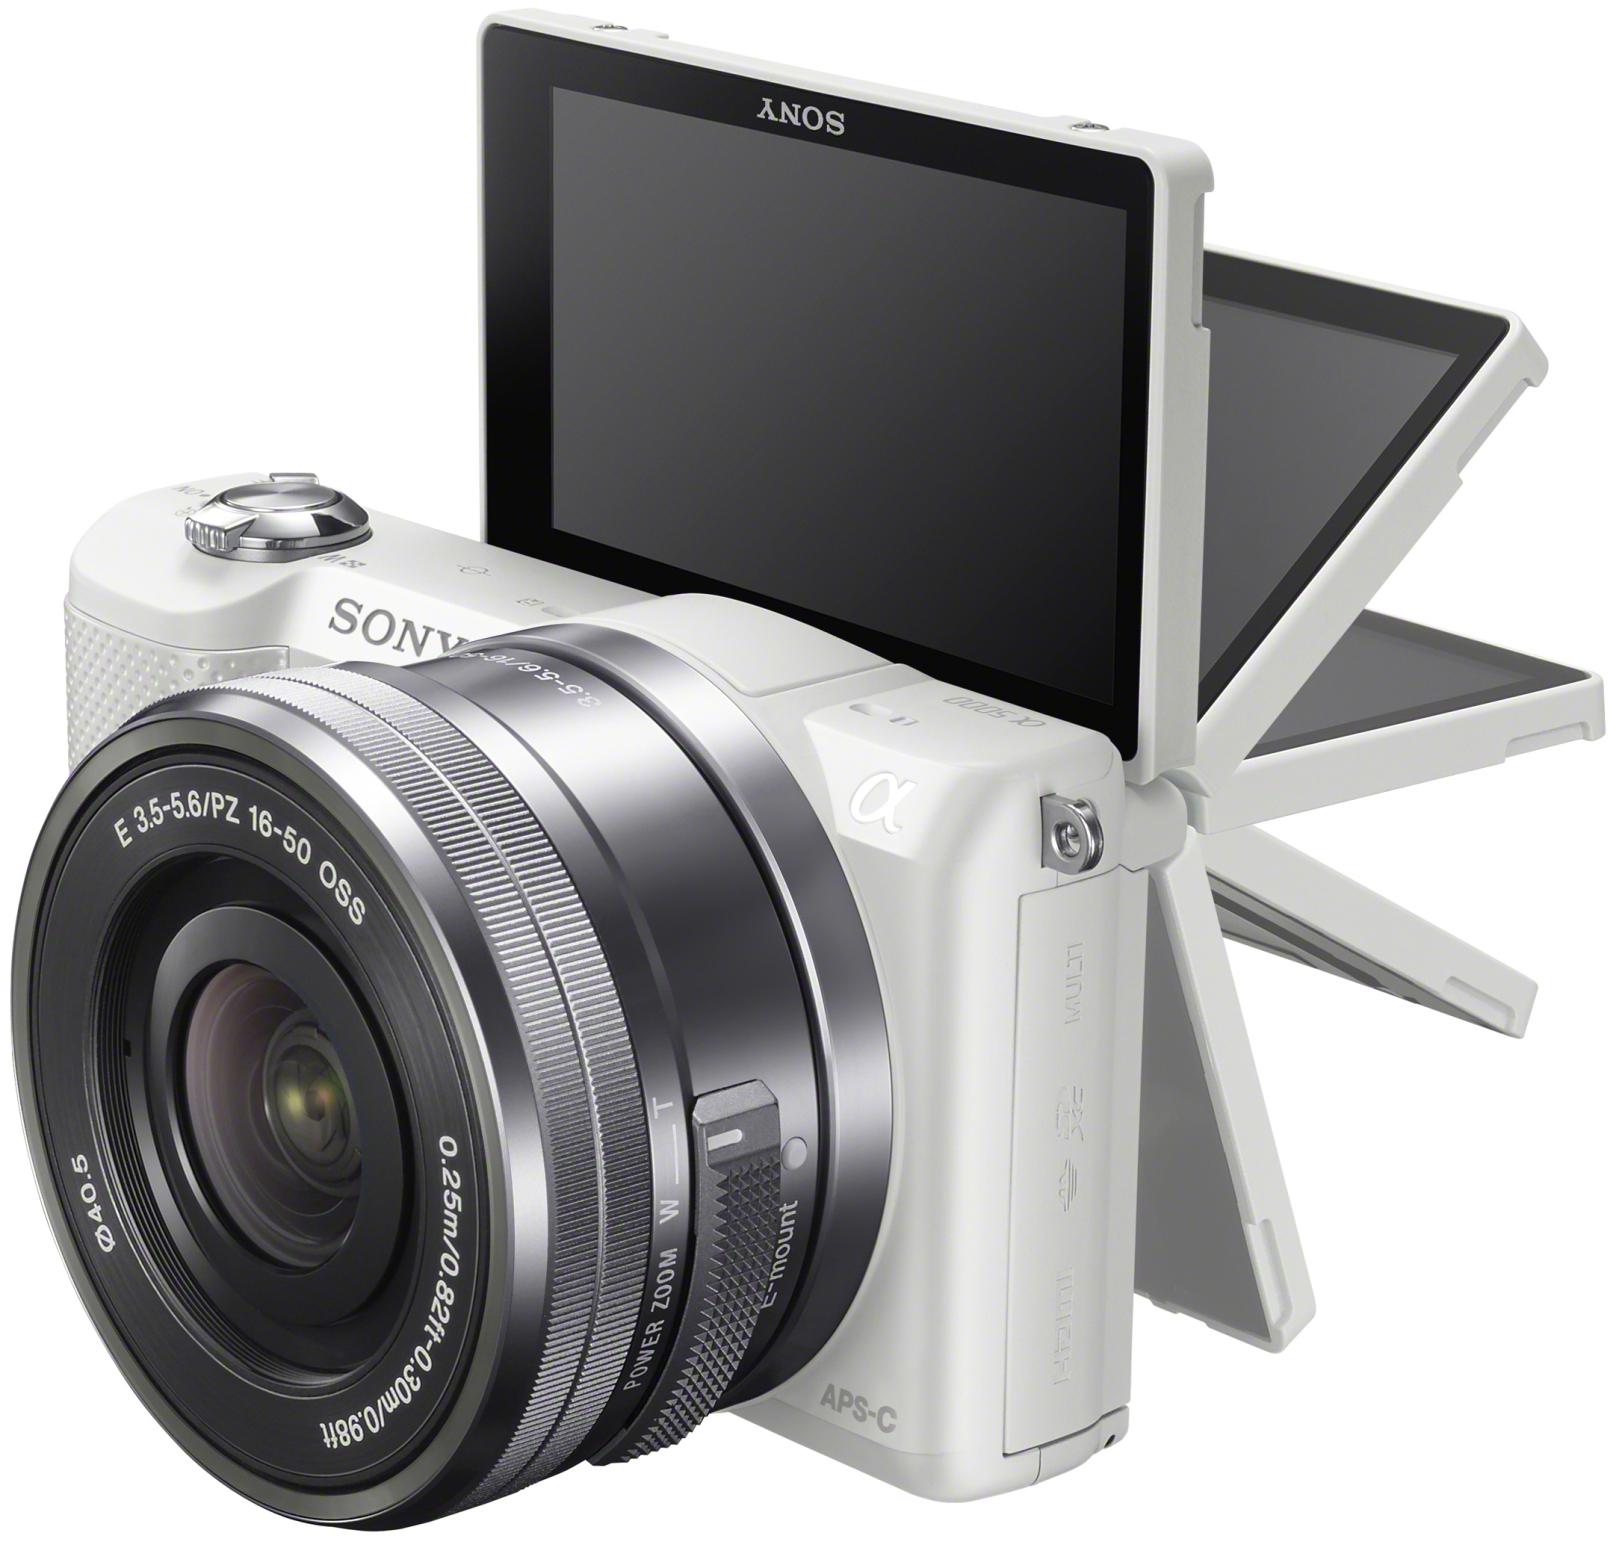 фотоаппарат для блоггера замене поворотного